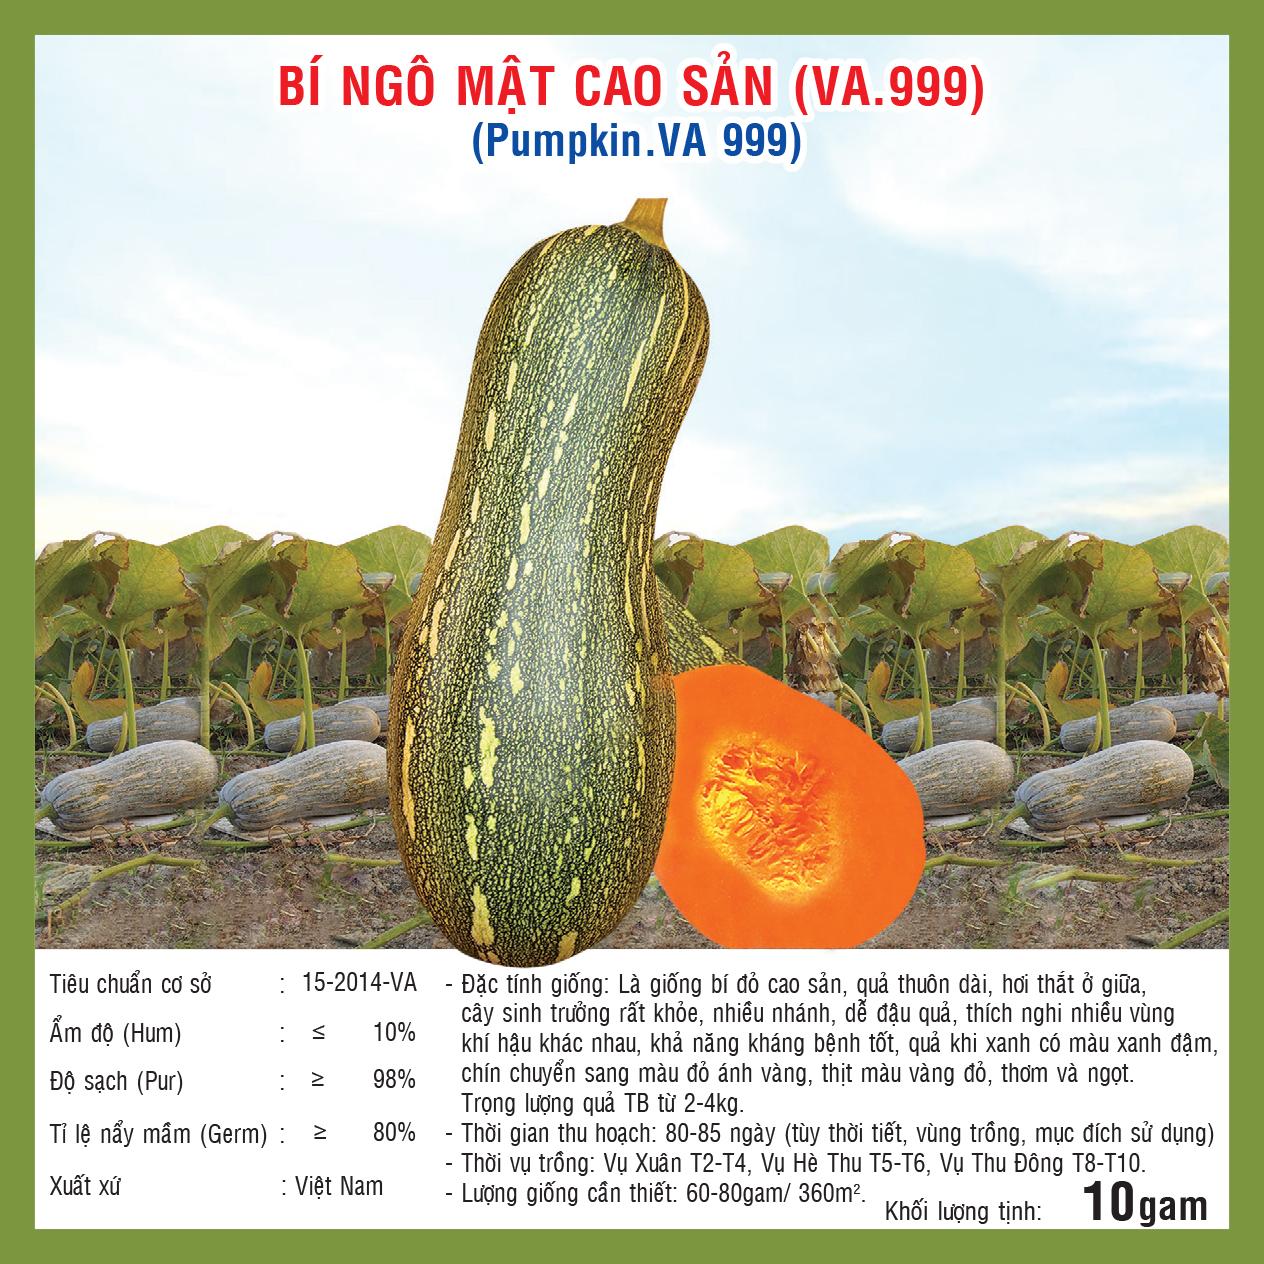 BÍ NGÔ MẬT CAO SẢN (VA.999) 10gr